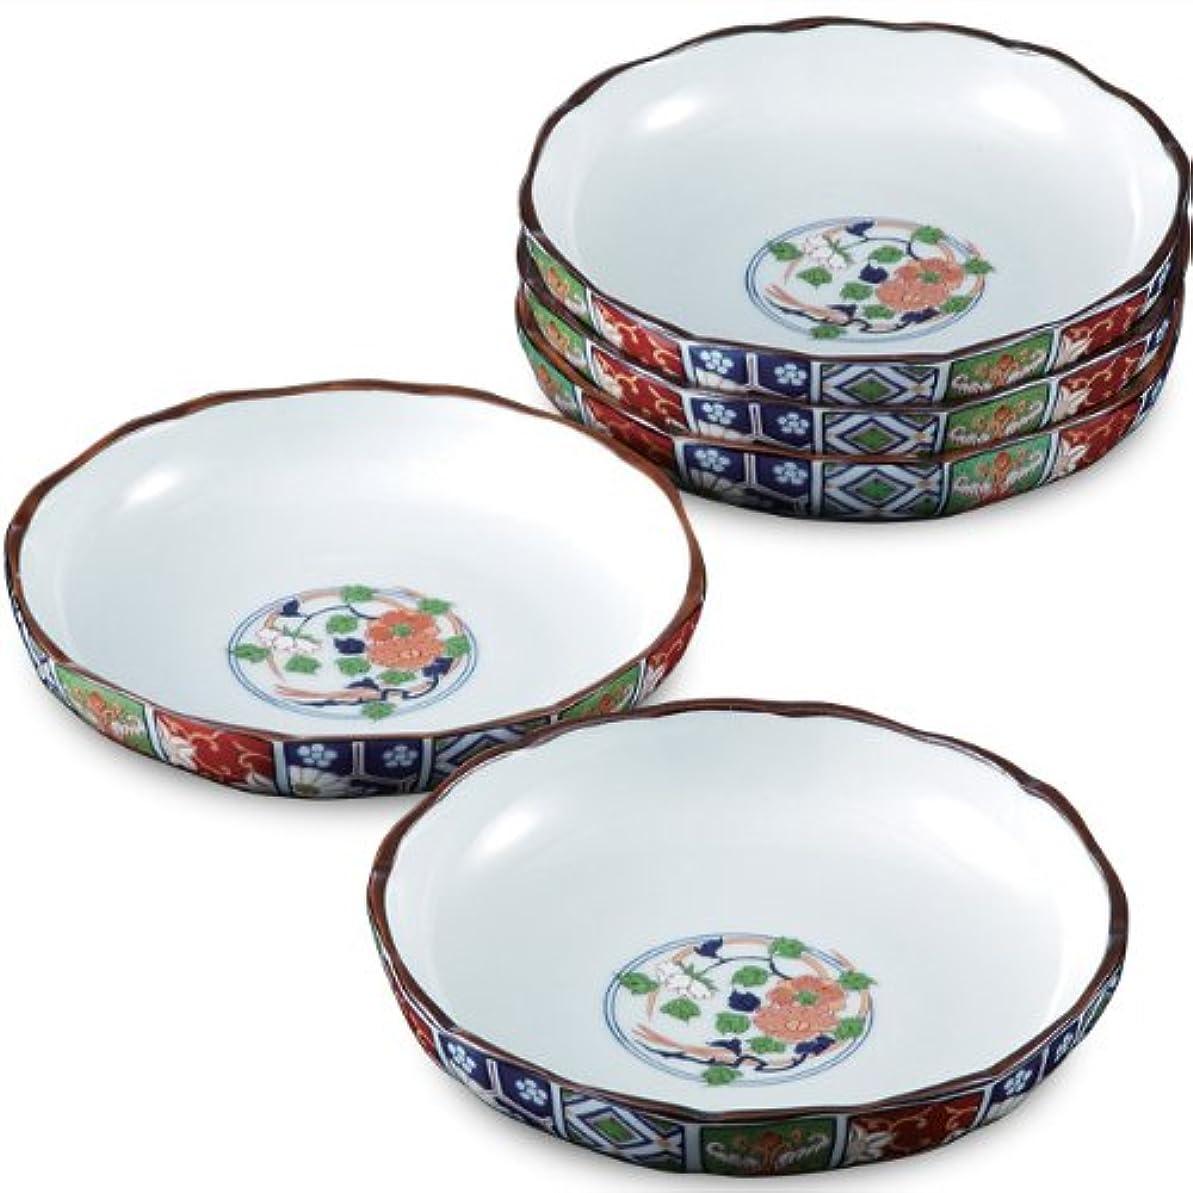 進捗苦情文句偏差ランチャン(Ranchant) 和皿セット マルチ Φ15.5x3.4cm 古伊万里菊割 有田焼 日本製